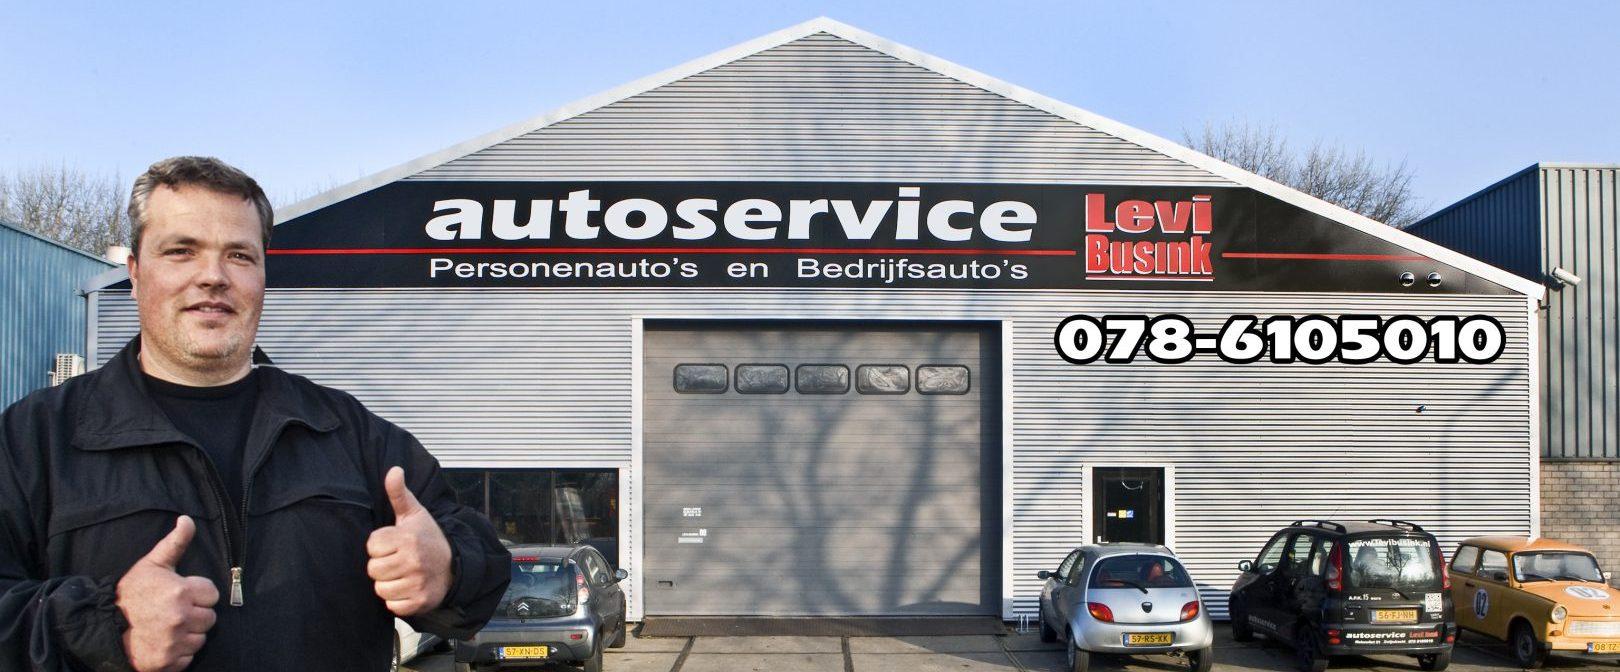 Pand Levi Busink Autoservice